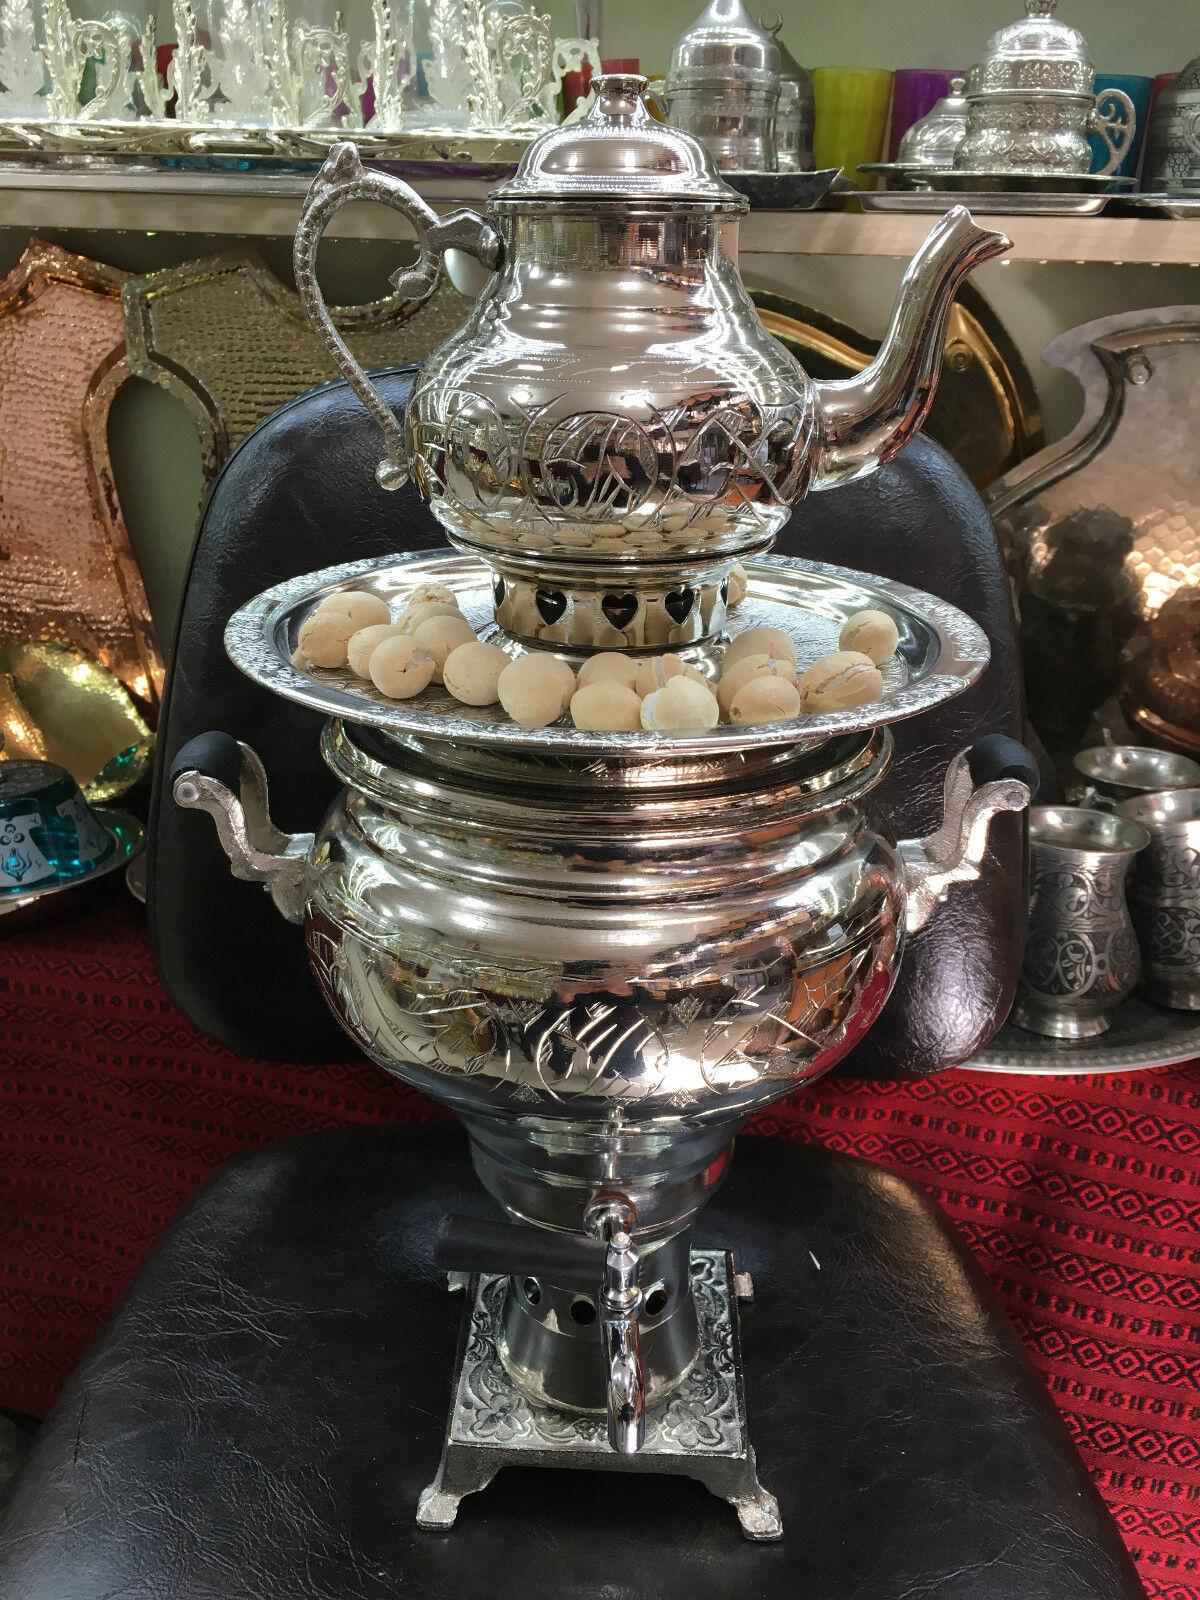 Authentic Turc fait main artisanale cuivre Charbon Samovar semaver Théière